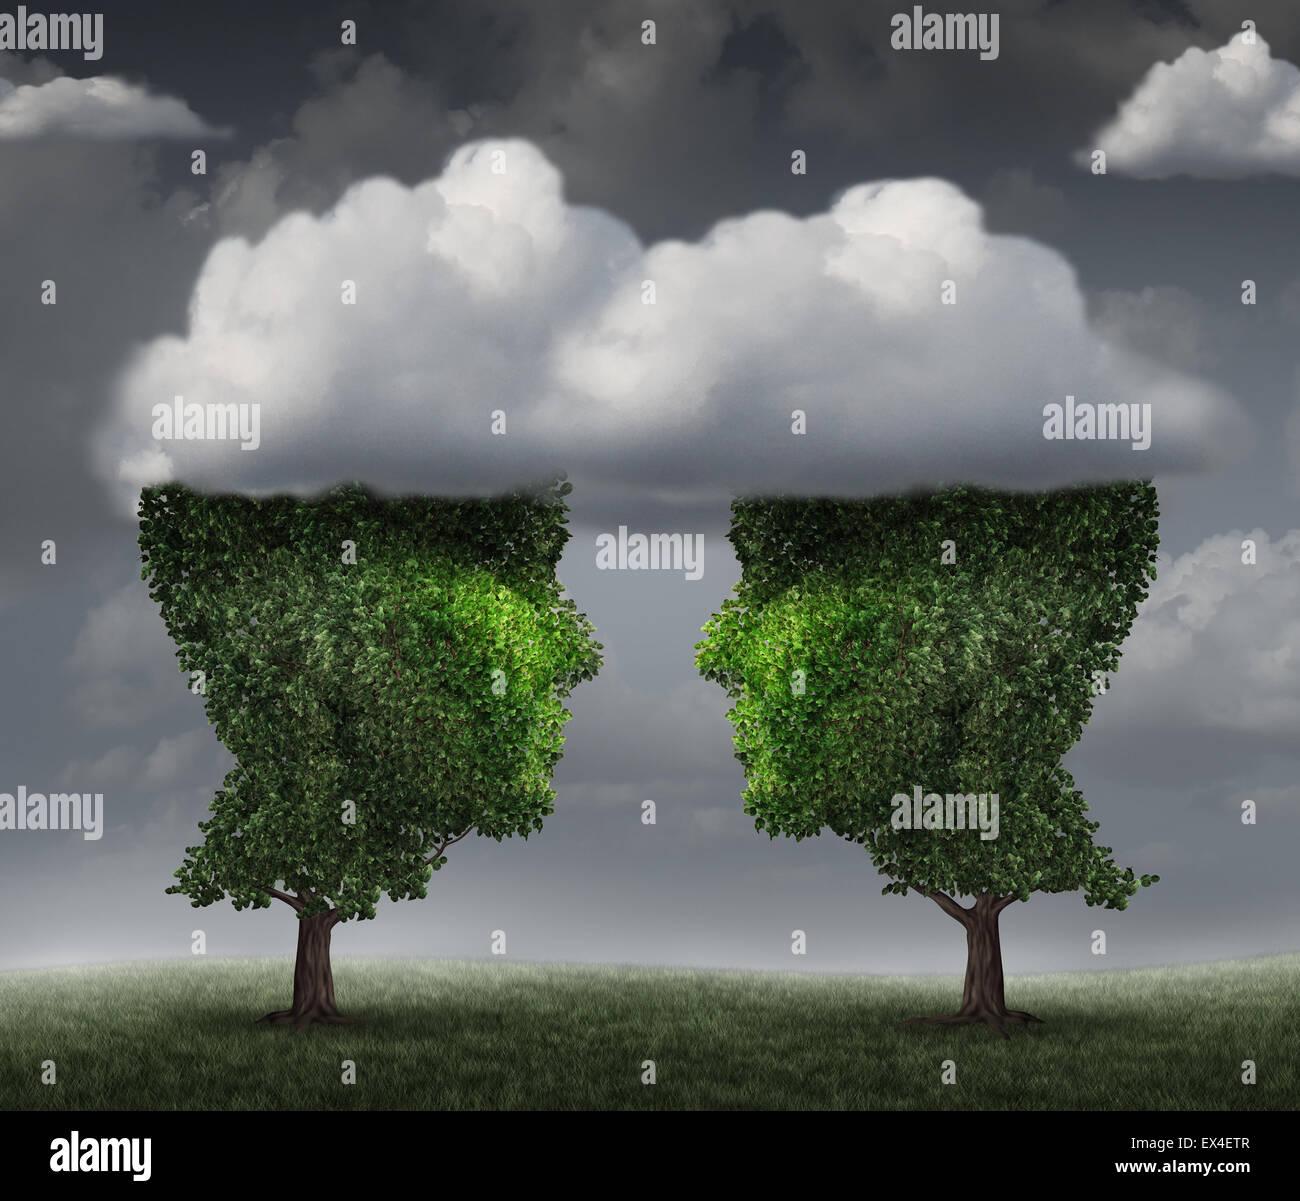 Cloud-Beziehung und wachsenden Netzwerk-Kommunikation mit einer Gruppe von zwei Bäumen geformt wie ein menschlicher Stockfoto